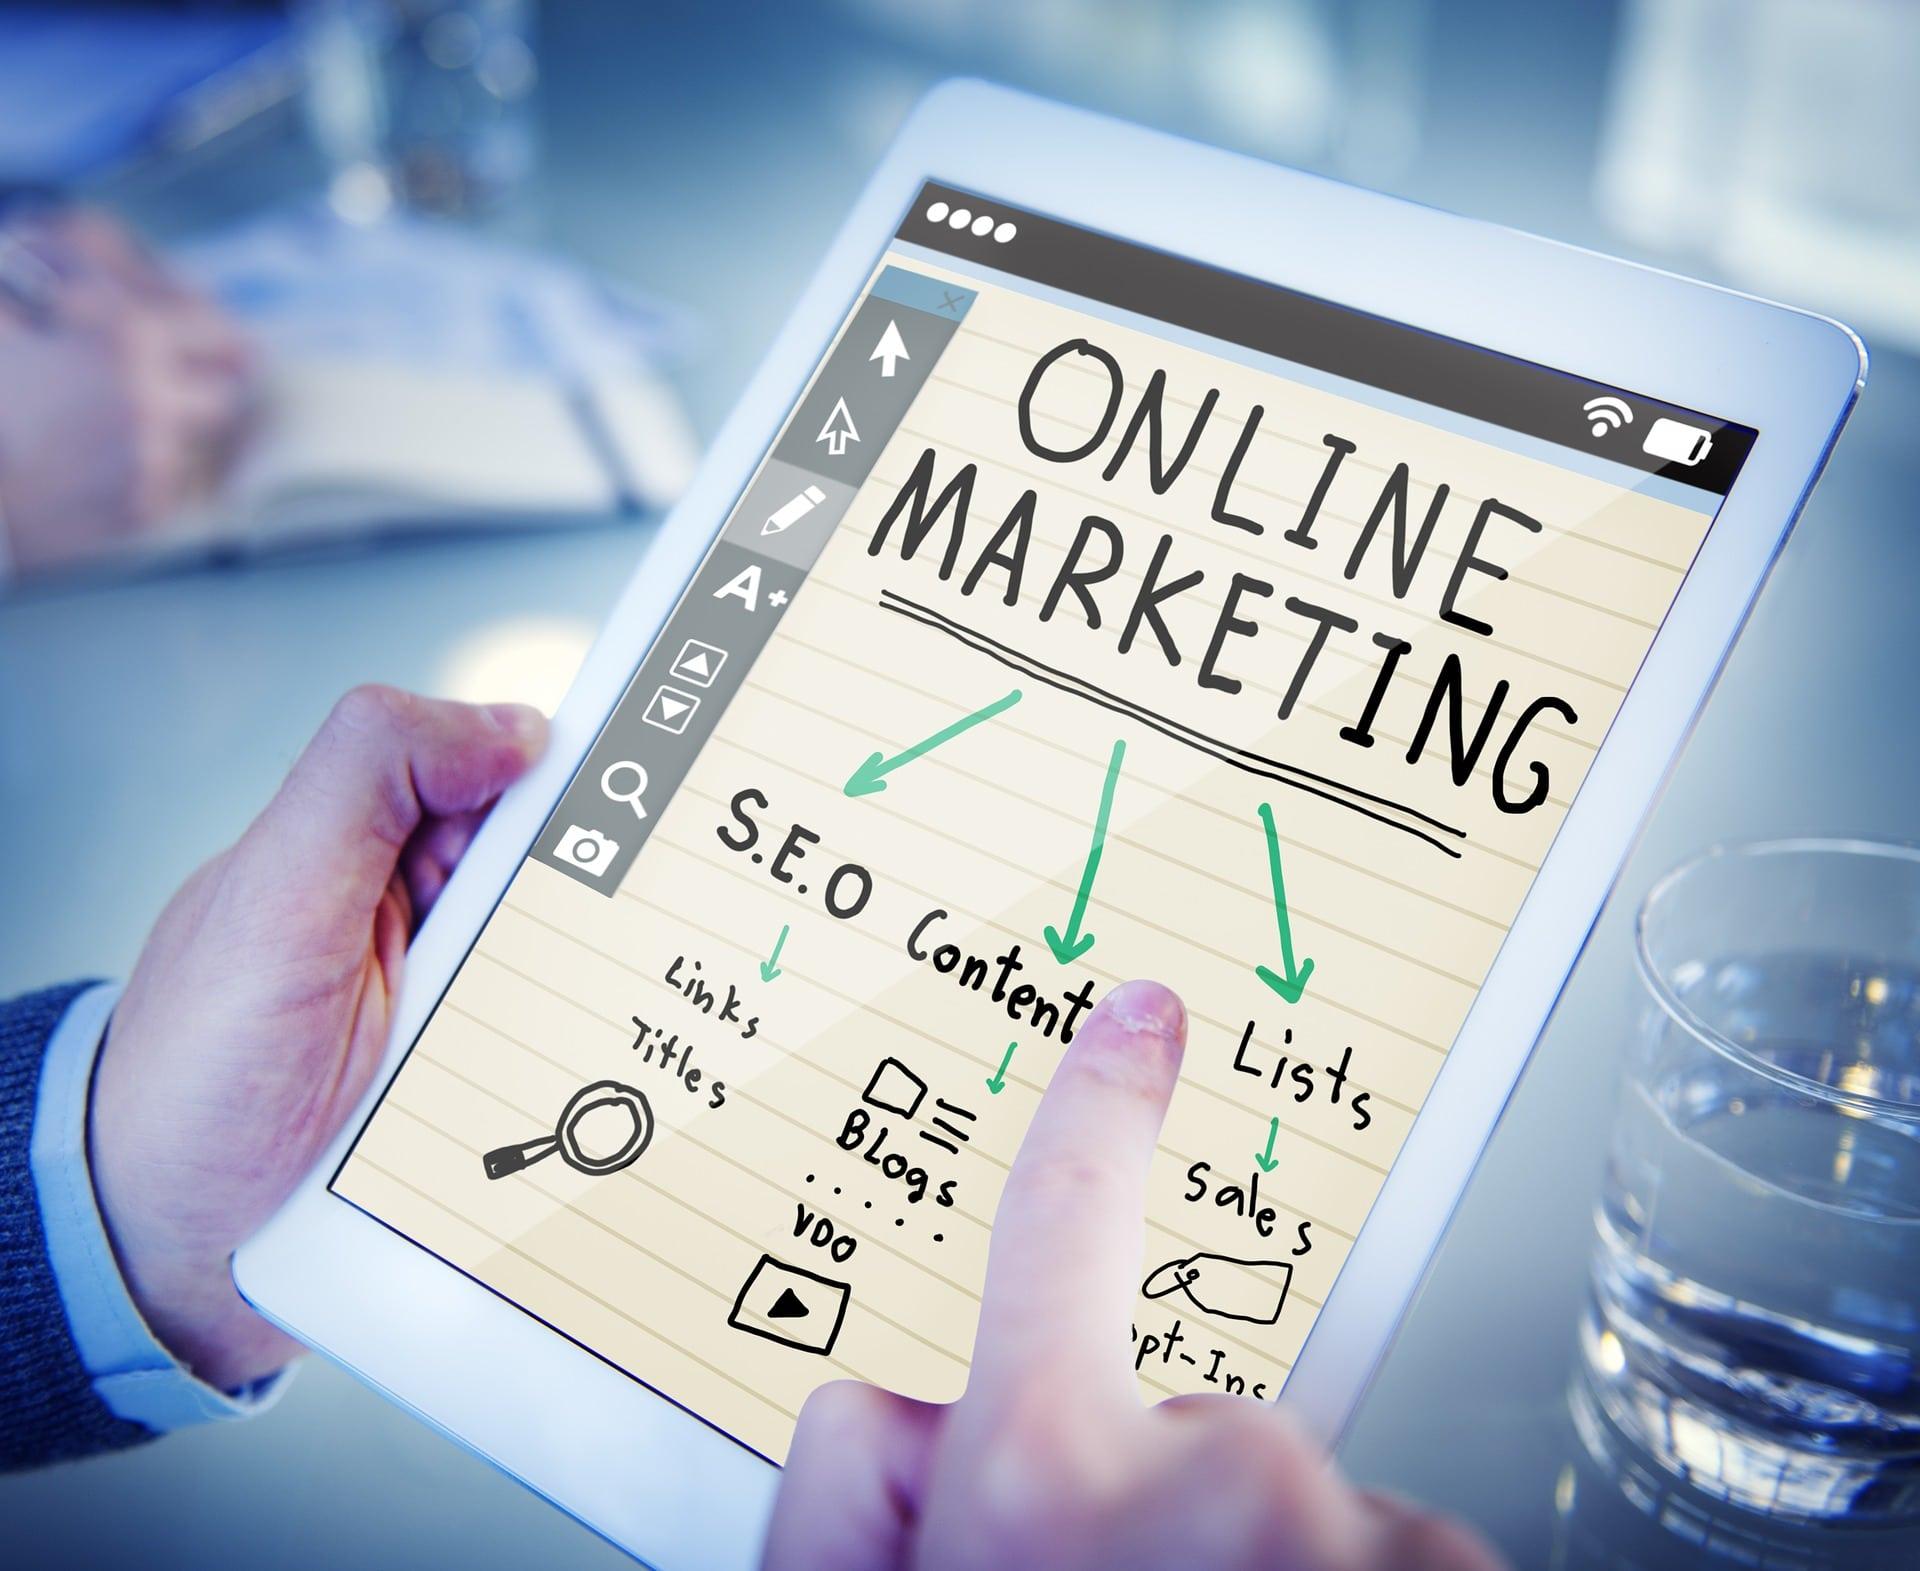 az online marketing részeit mutatja egy tablet, a seo, a SEO szövegírás és az értékesítés hármasában